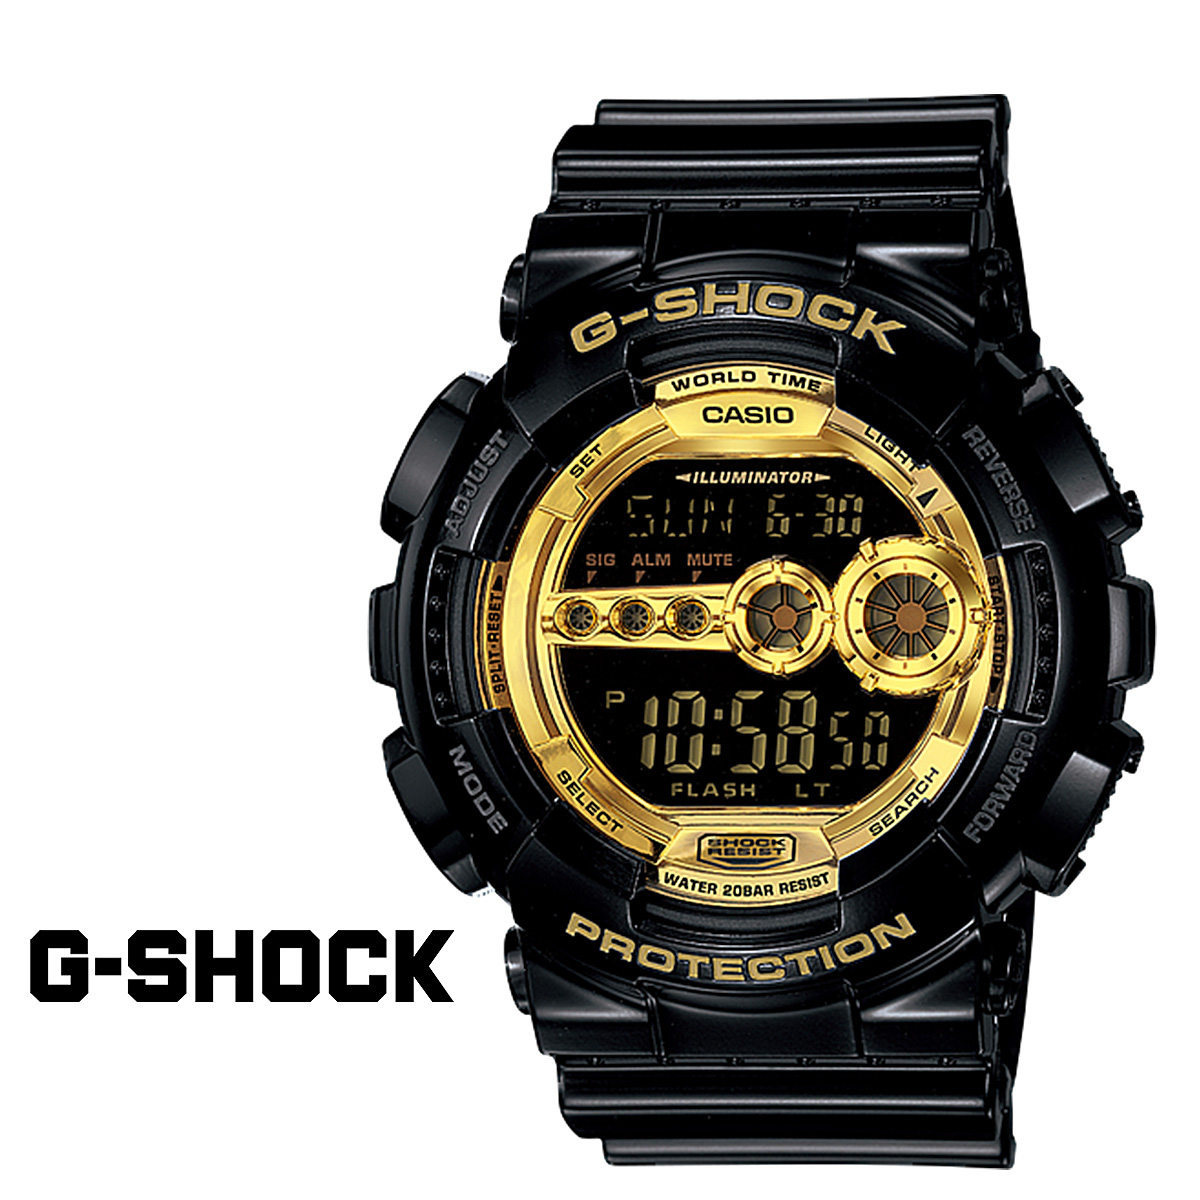 カシオ CASIO G-SHOCK 腕時計 GD-100GB-1JF BLACK GOLD SERIES ジーショック Gショック G-ショック メンズ レディース